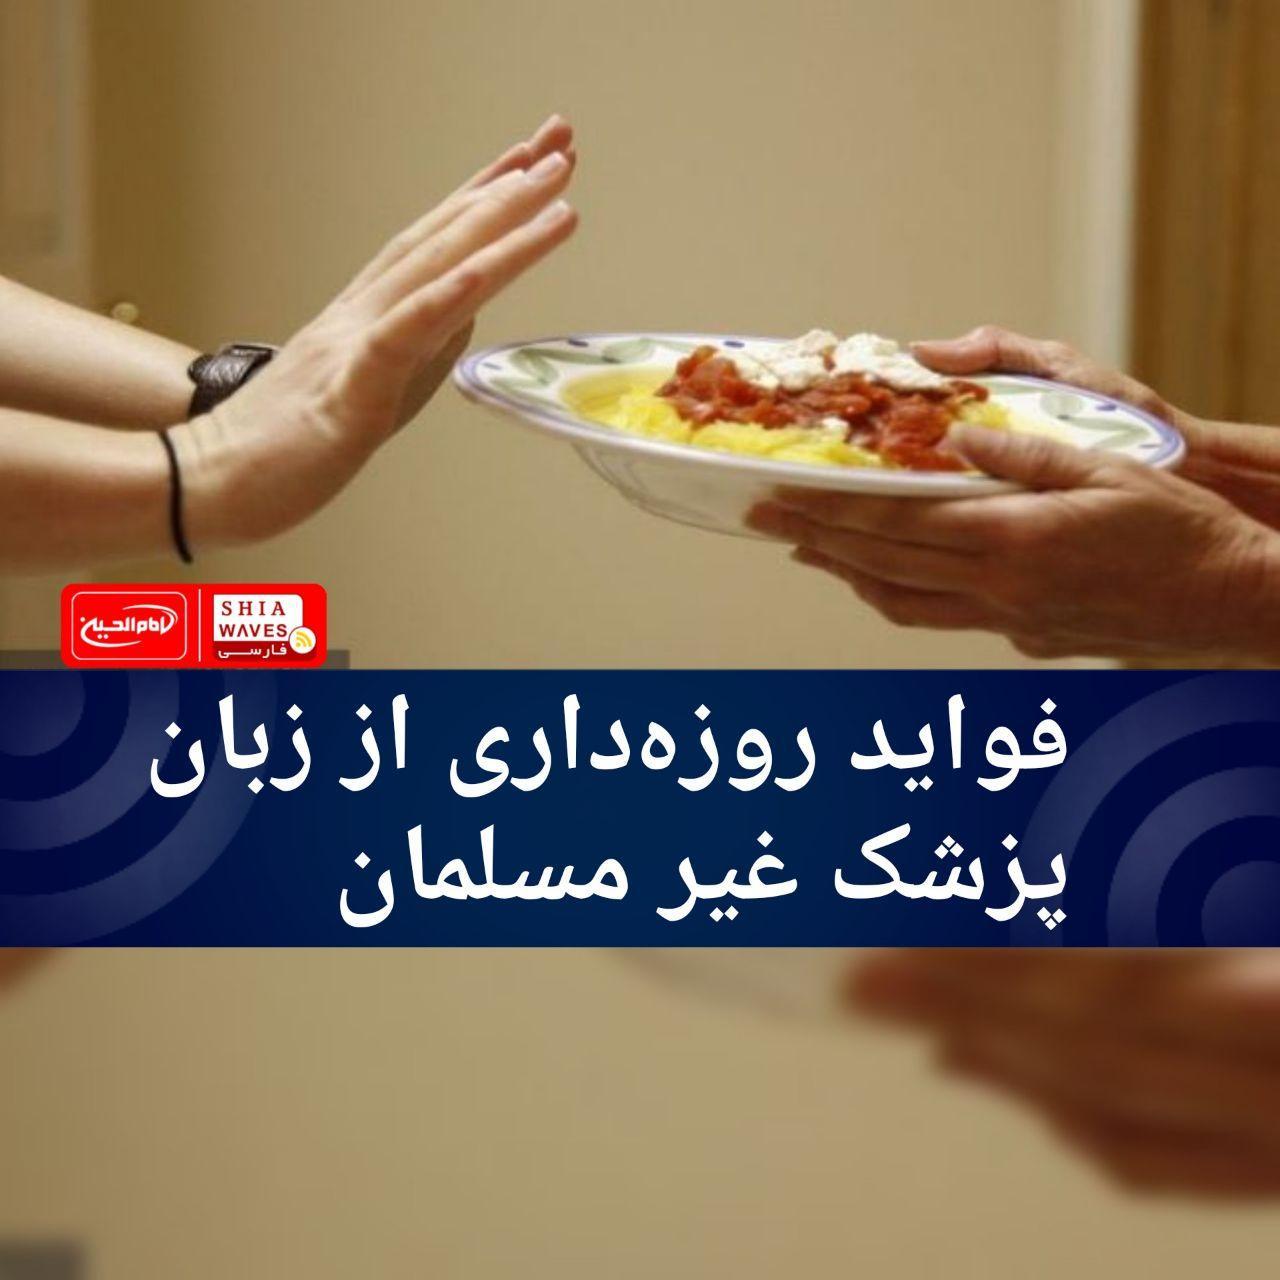 تصویر فواید روزهداری از زبان پزشک غیر مسلمان